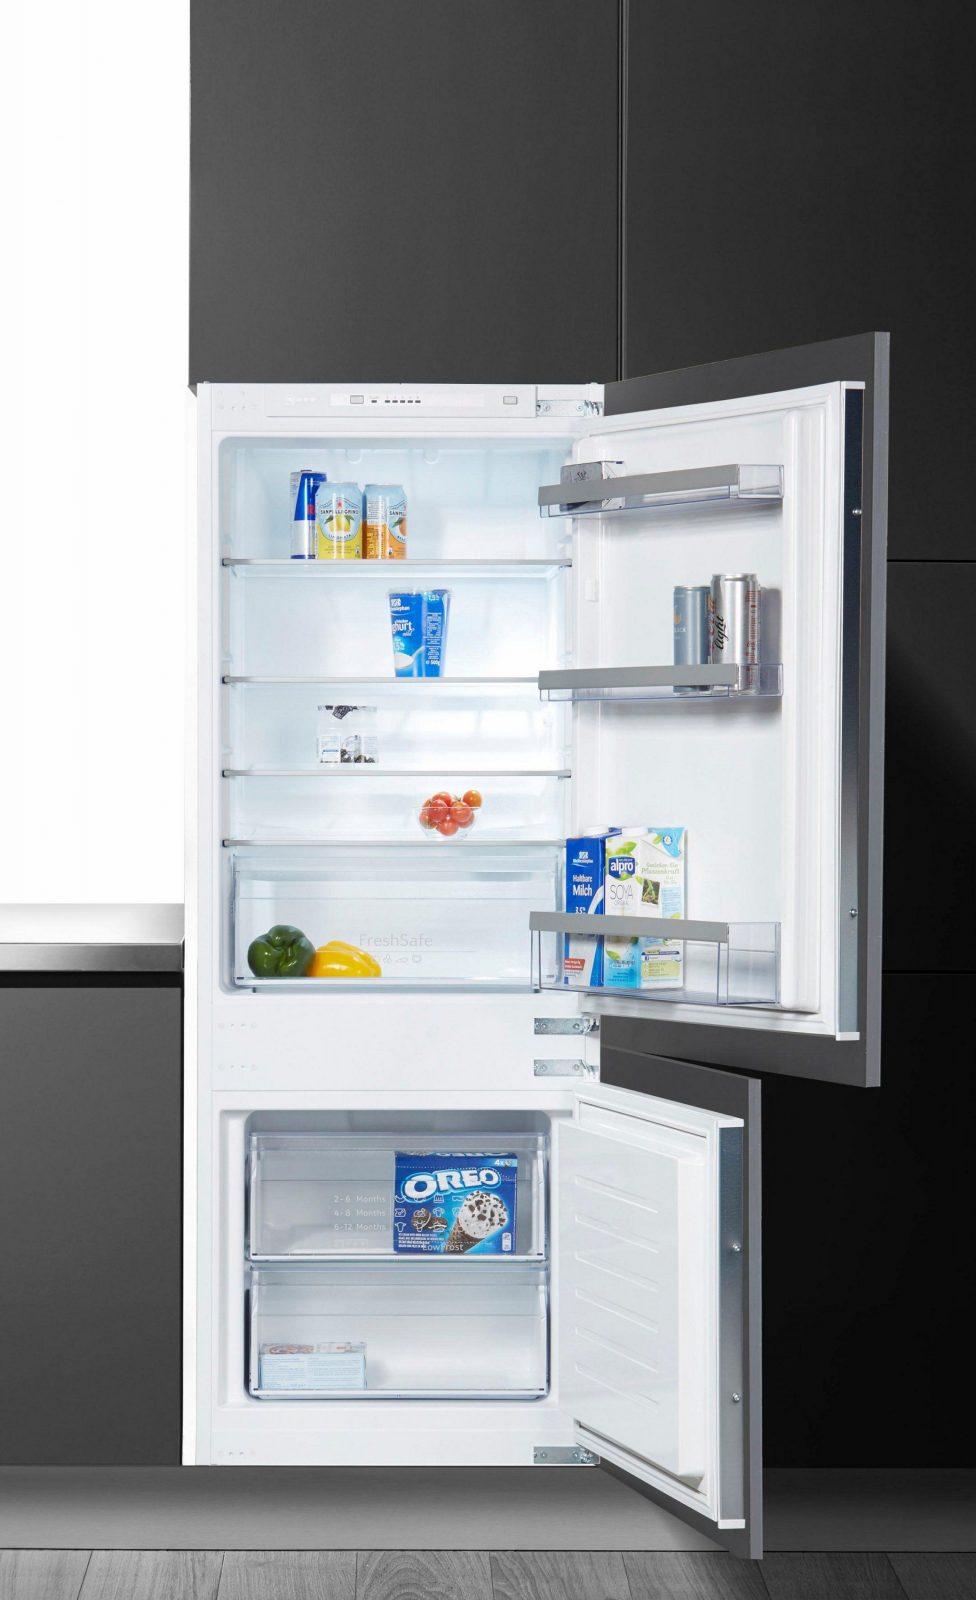 30 Neu Neff Einbaukühlschrank Ohne Gefrierfach  Küchen Ideen von Einbaukühlschrank Ohne Gefrierfach 178 Cm Photo